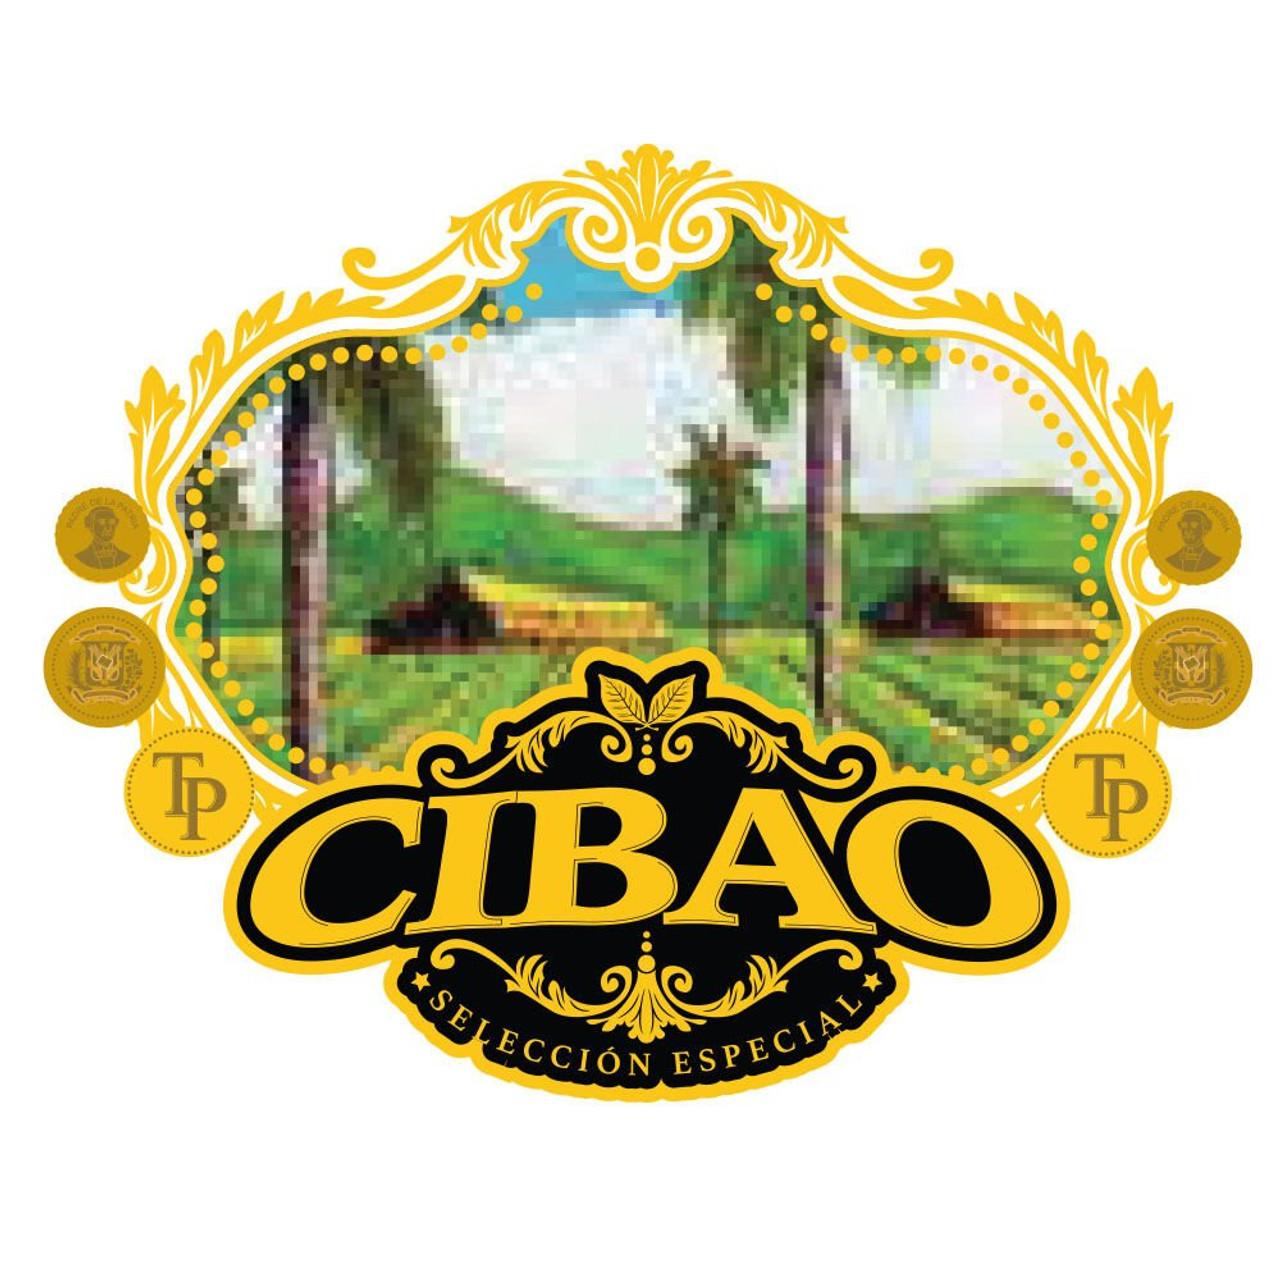 Cibao Seleccion Especial Toro Cigars - 6 x 52 (Box of 20)